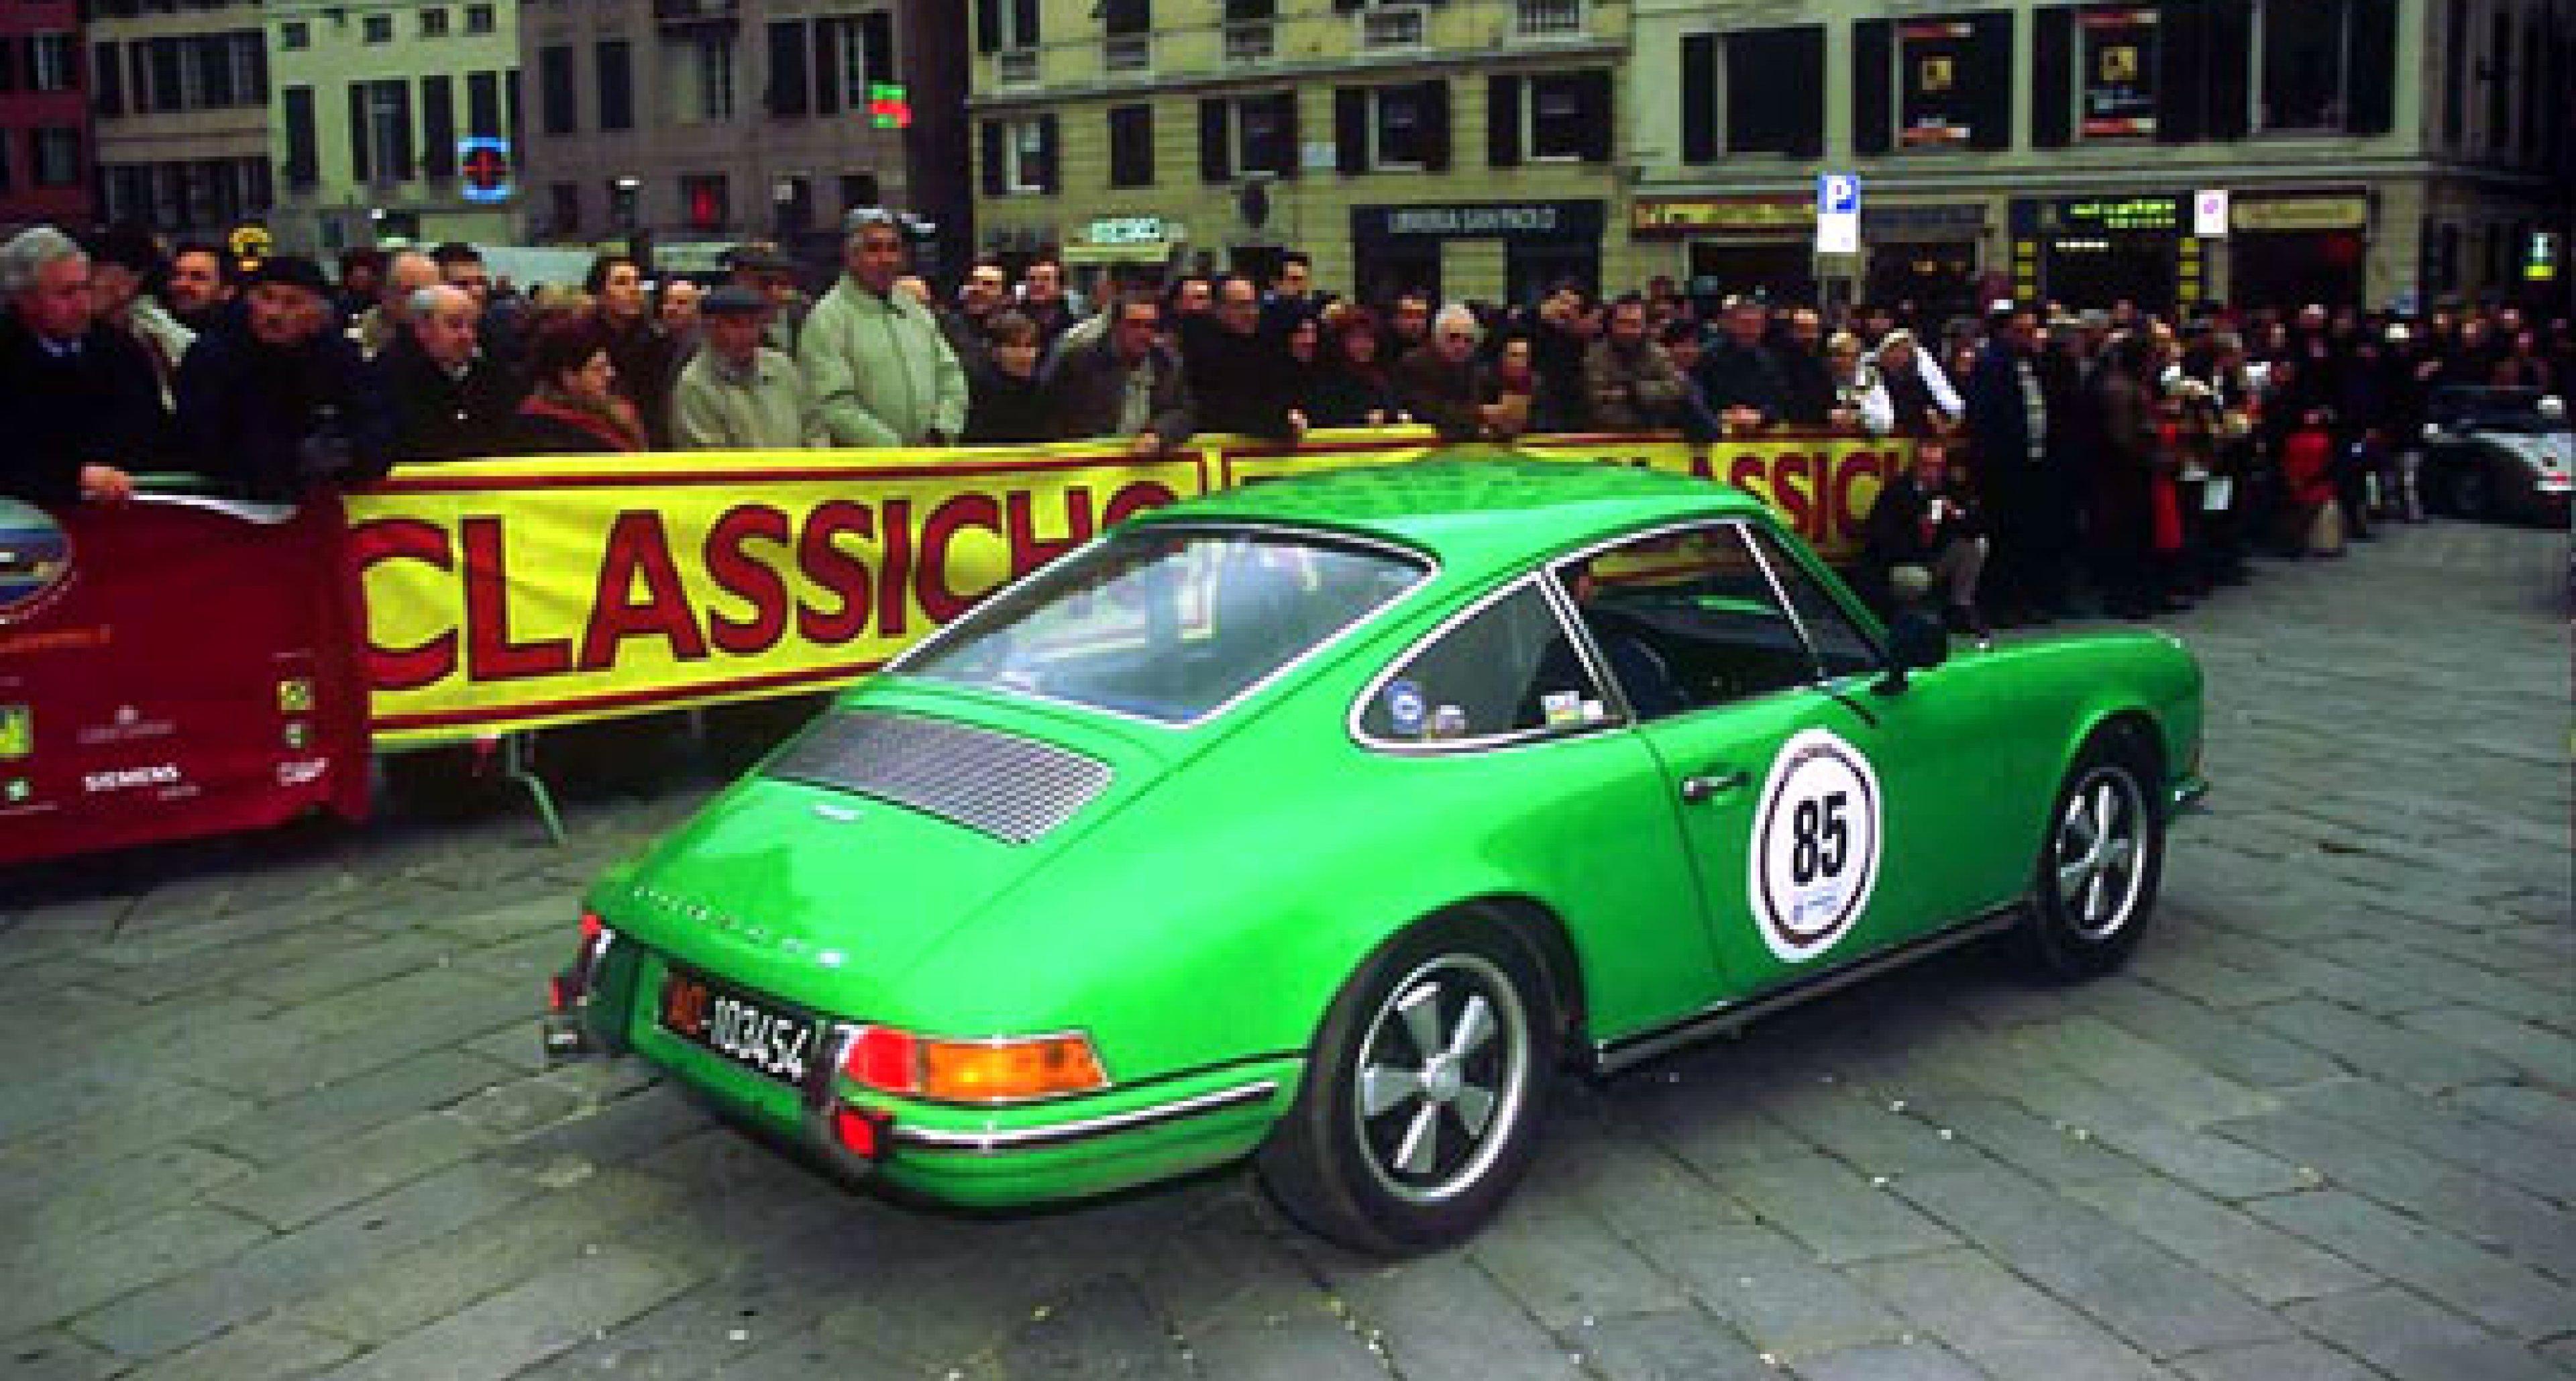 Coppa Milano–Sanremo 2005